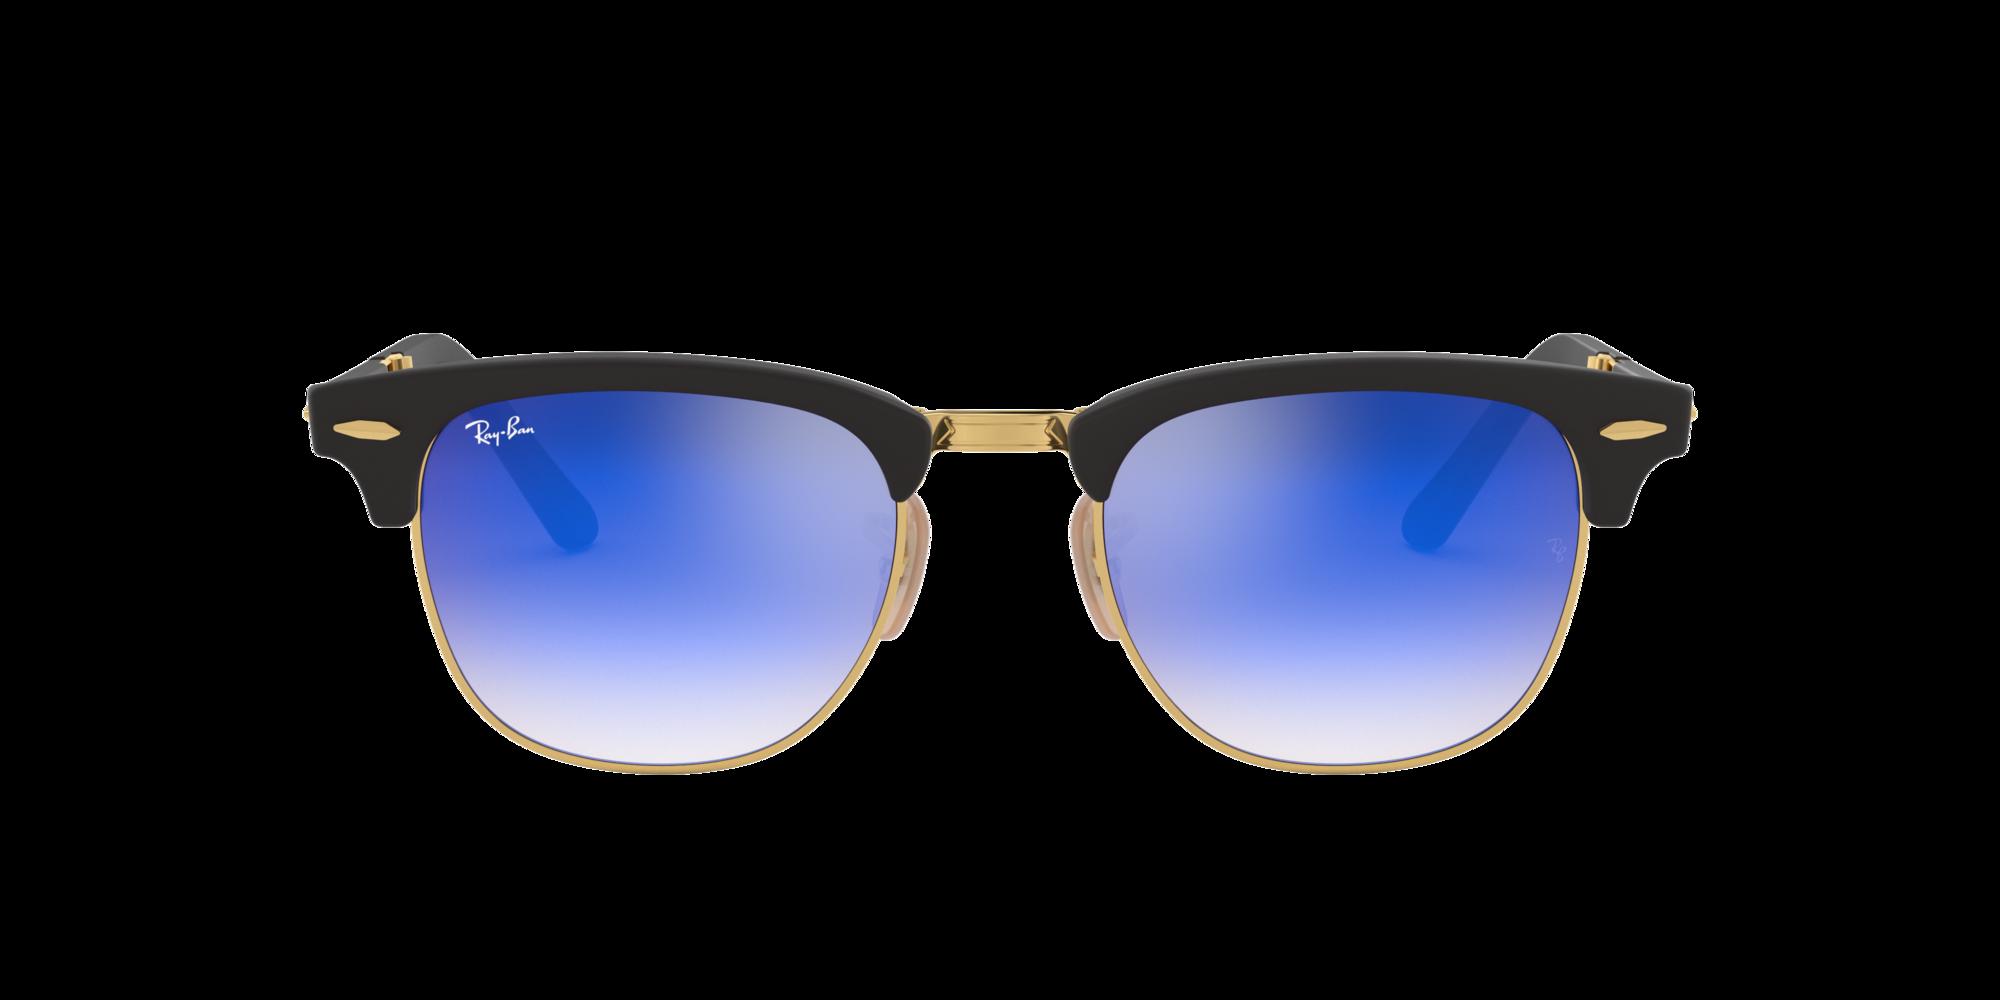 Imagen para RB2176 51 CLUBMASTER F de LensCrafters |  Espejuelos, espejuelos graduados en línea, gafas